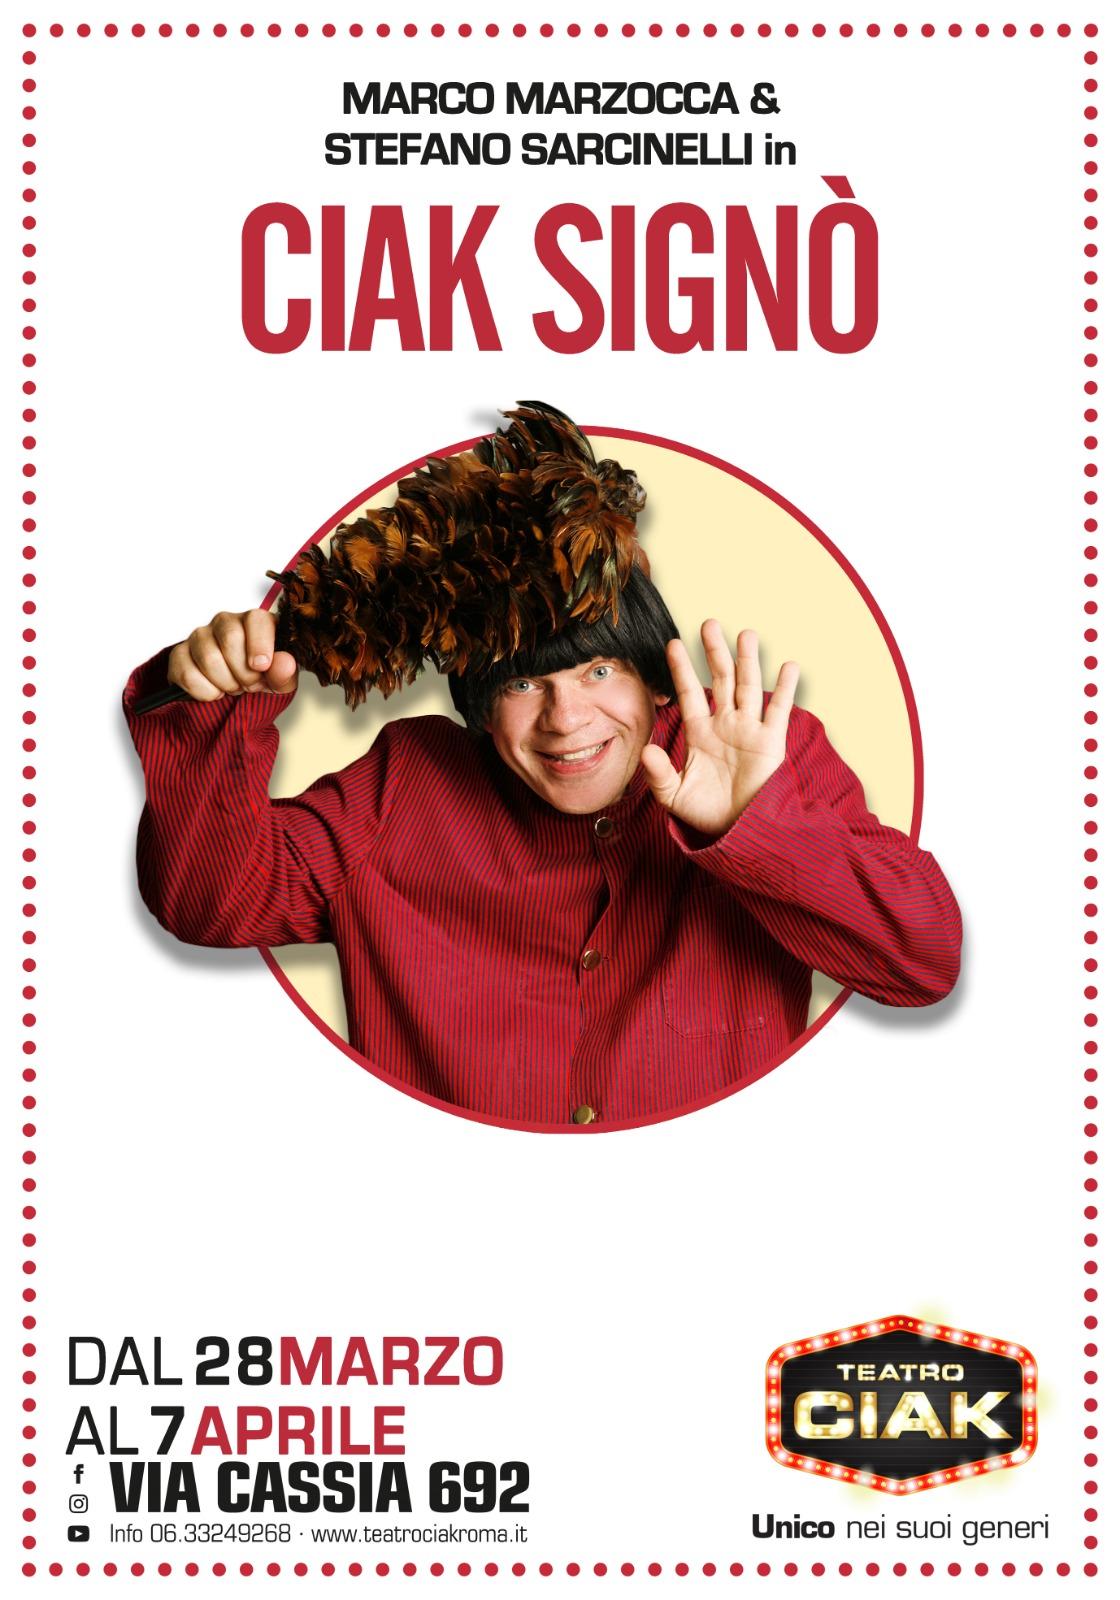 CIAK SIGNÒ